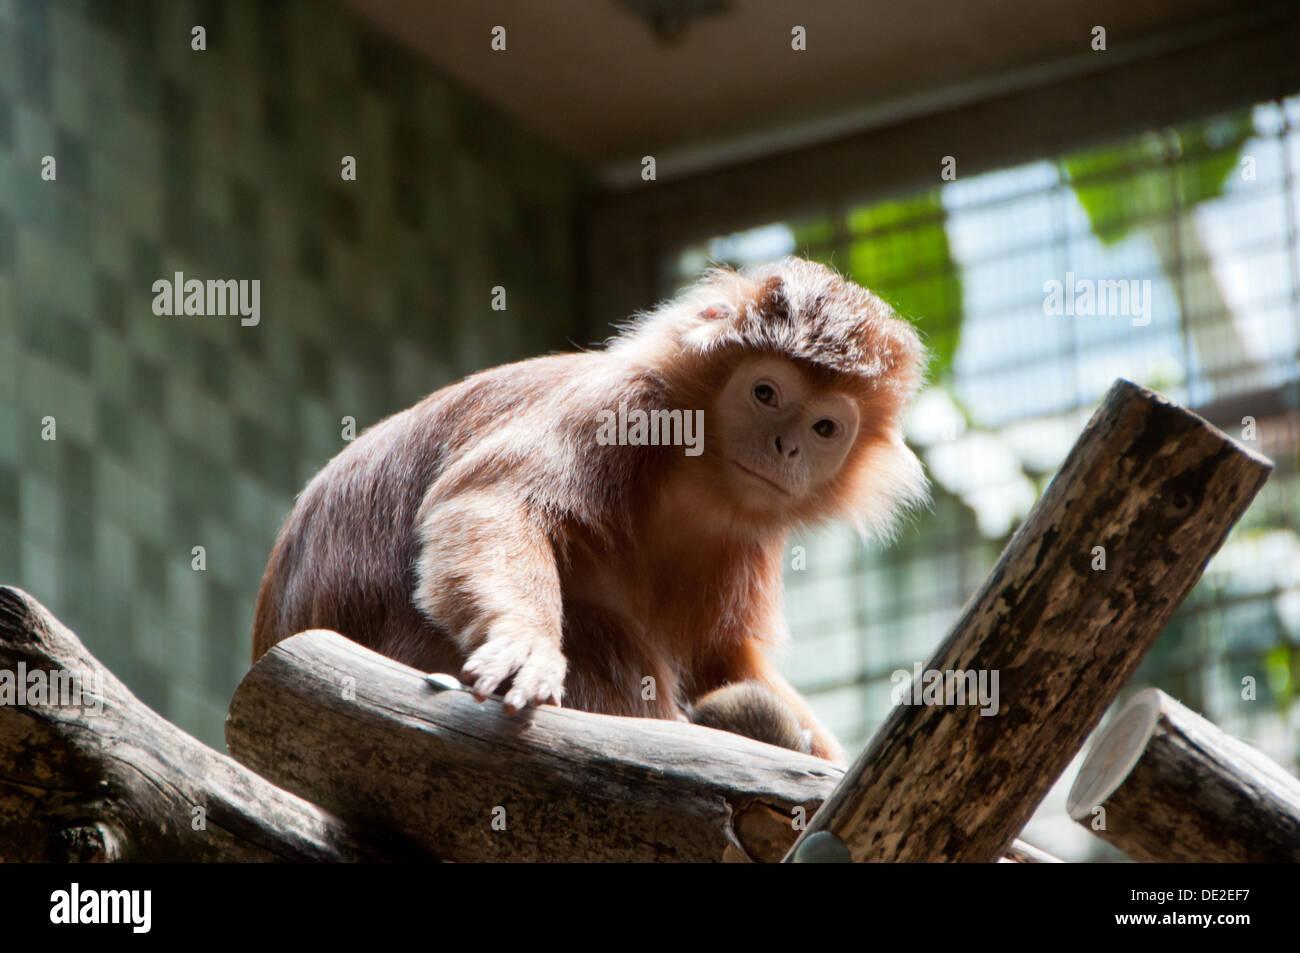 Ein kleiner Affe im Berliner Zoo sucht ein wenig traurig. Stockfoto